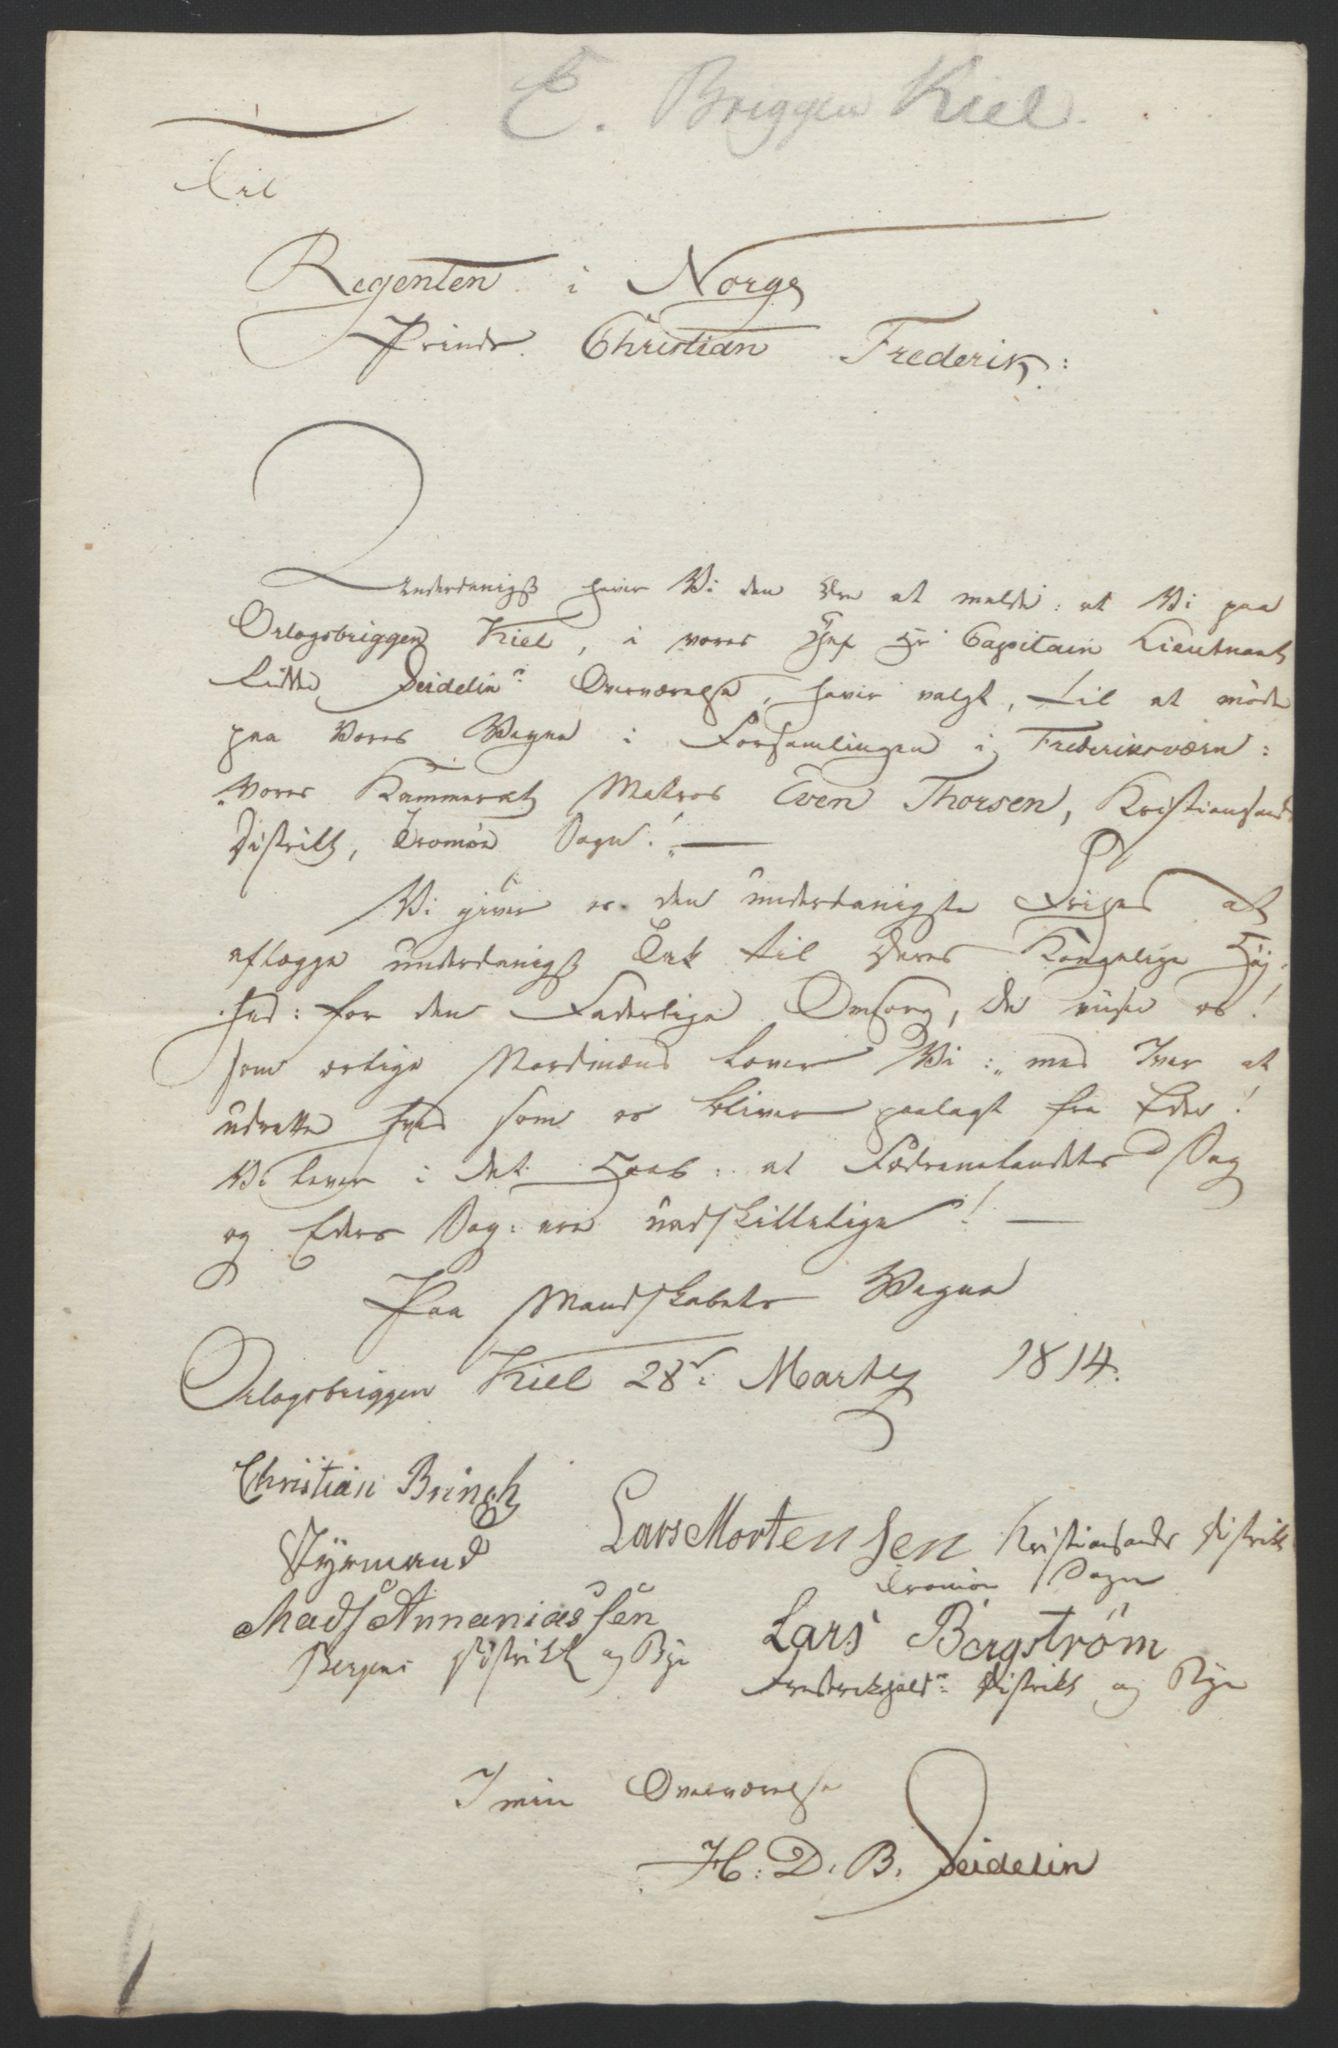 RA, Statsrådssekretariatet, D/Db/L0007: Fullmakter for Eidsvollsrepresentantene i 1814. , 1814, s. 133